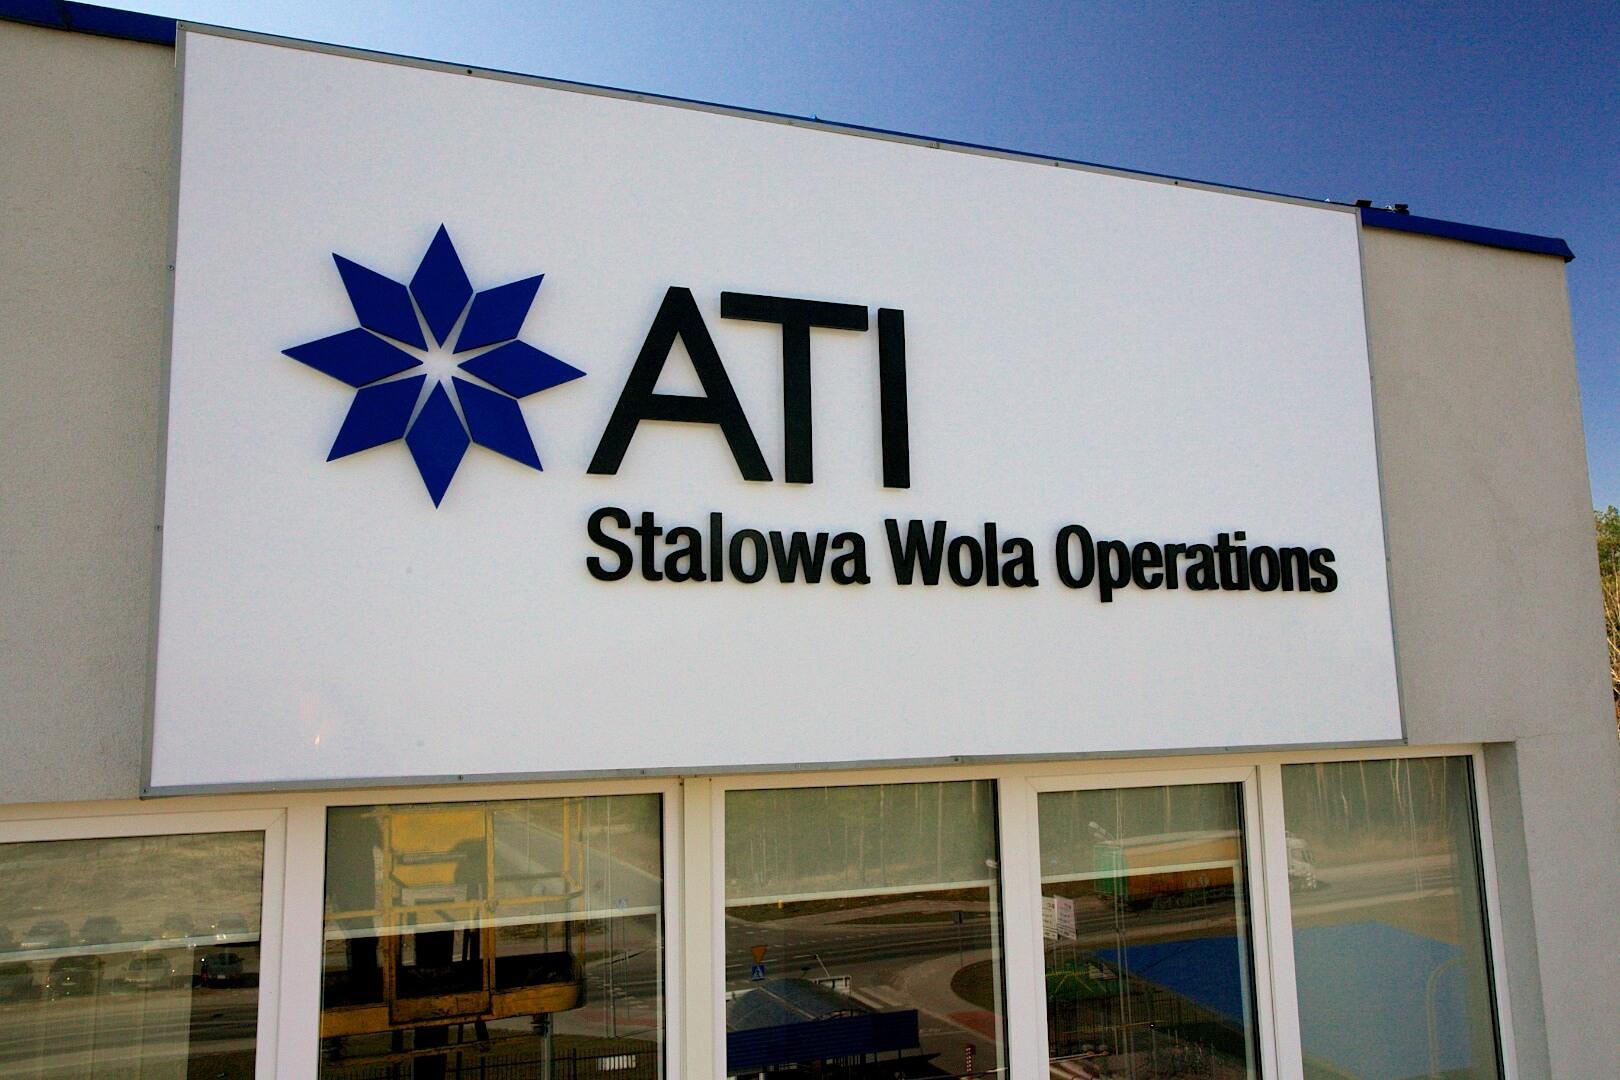 Oznakowanie obiektów ATI - Kuźnia w Stalowej Woli